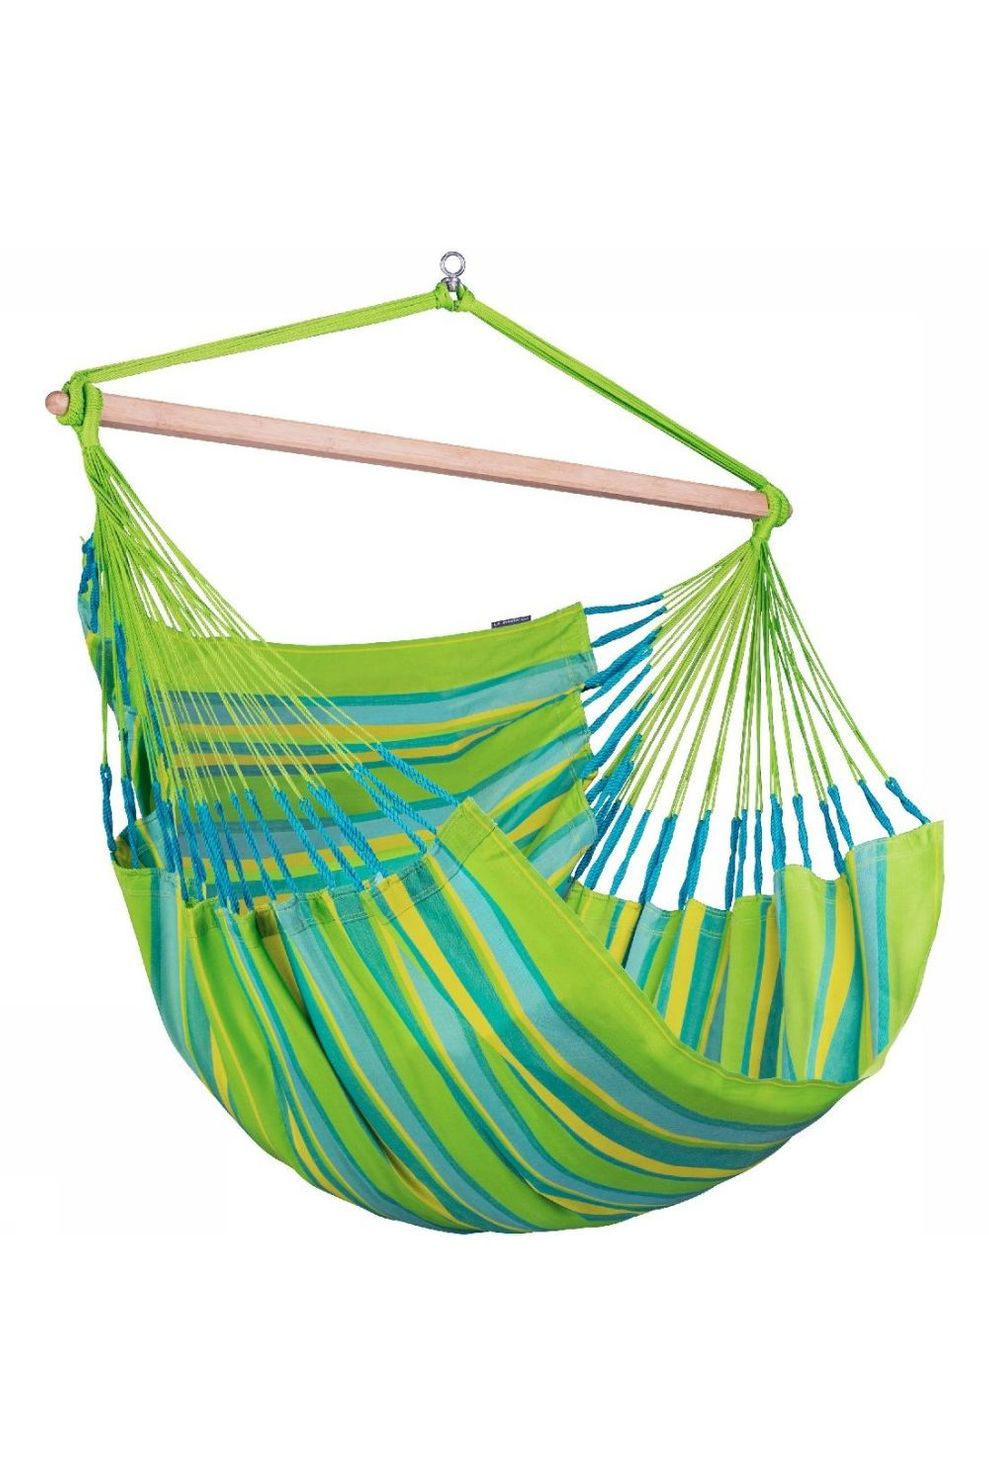 La Siesta Hangmat Domingo Lounger Chair - Limoen Groen/Blauw